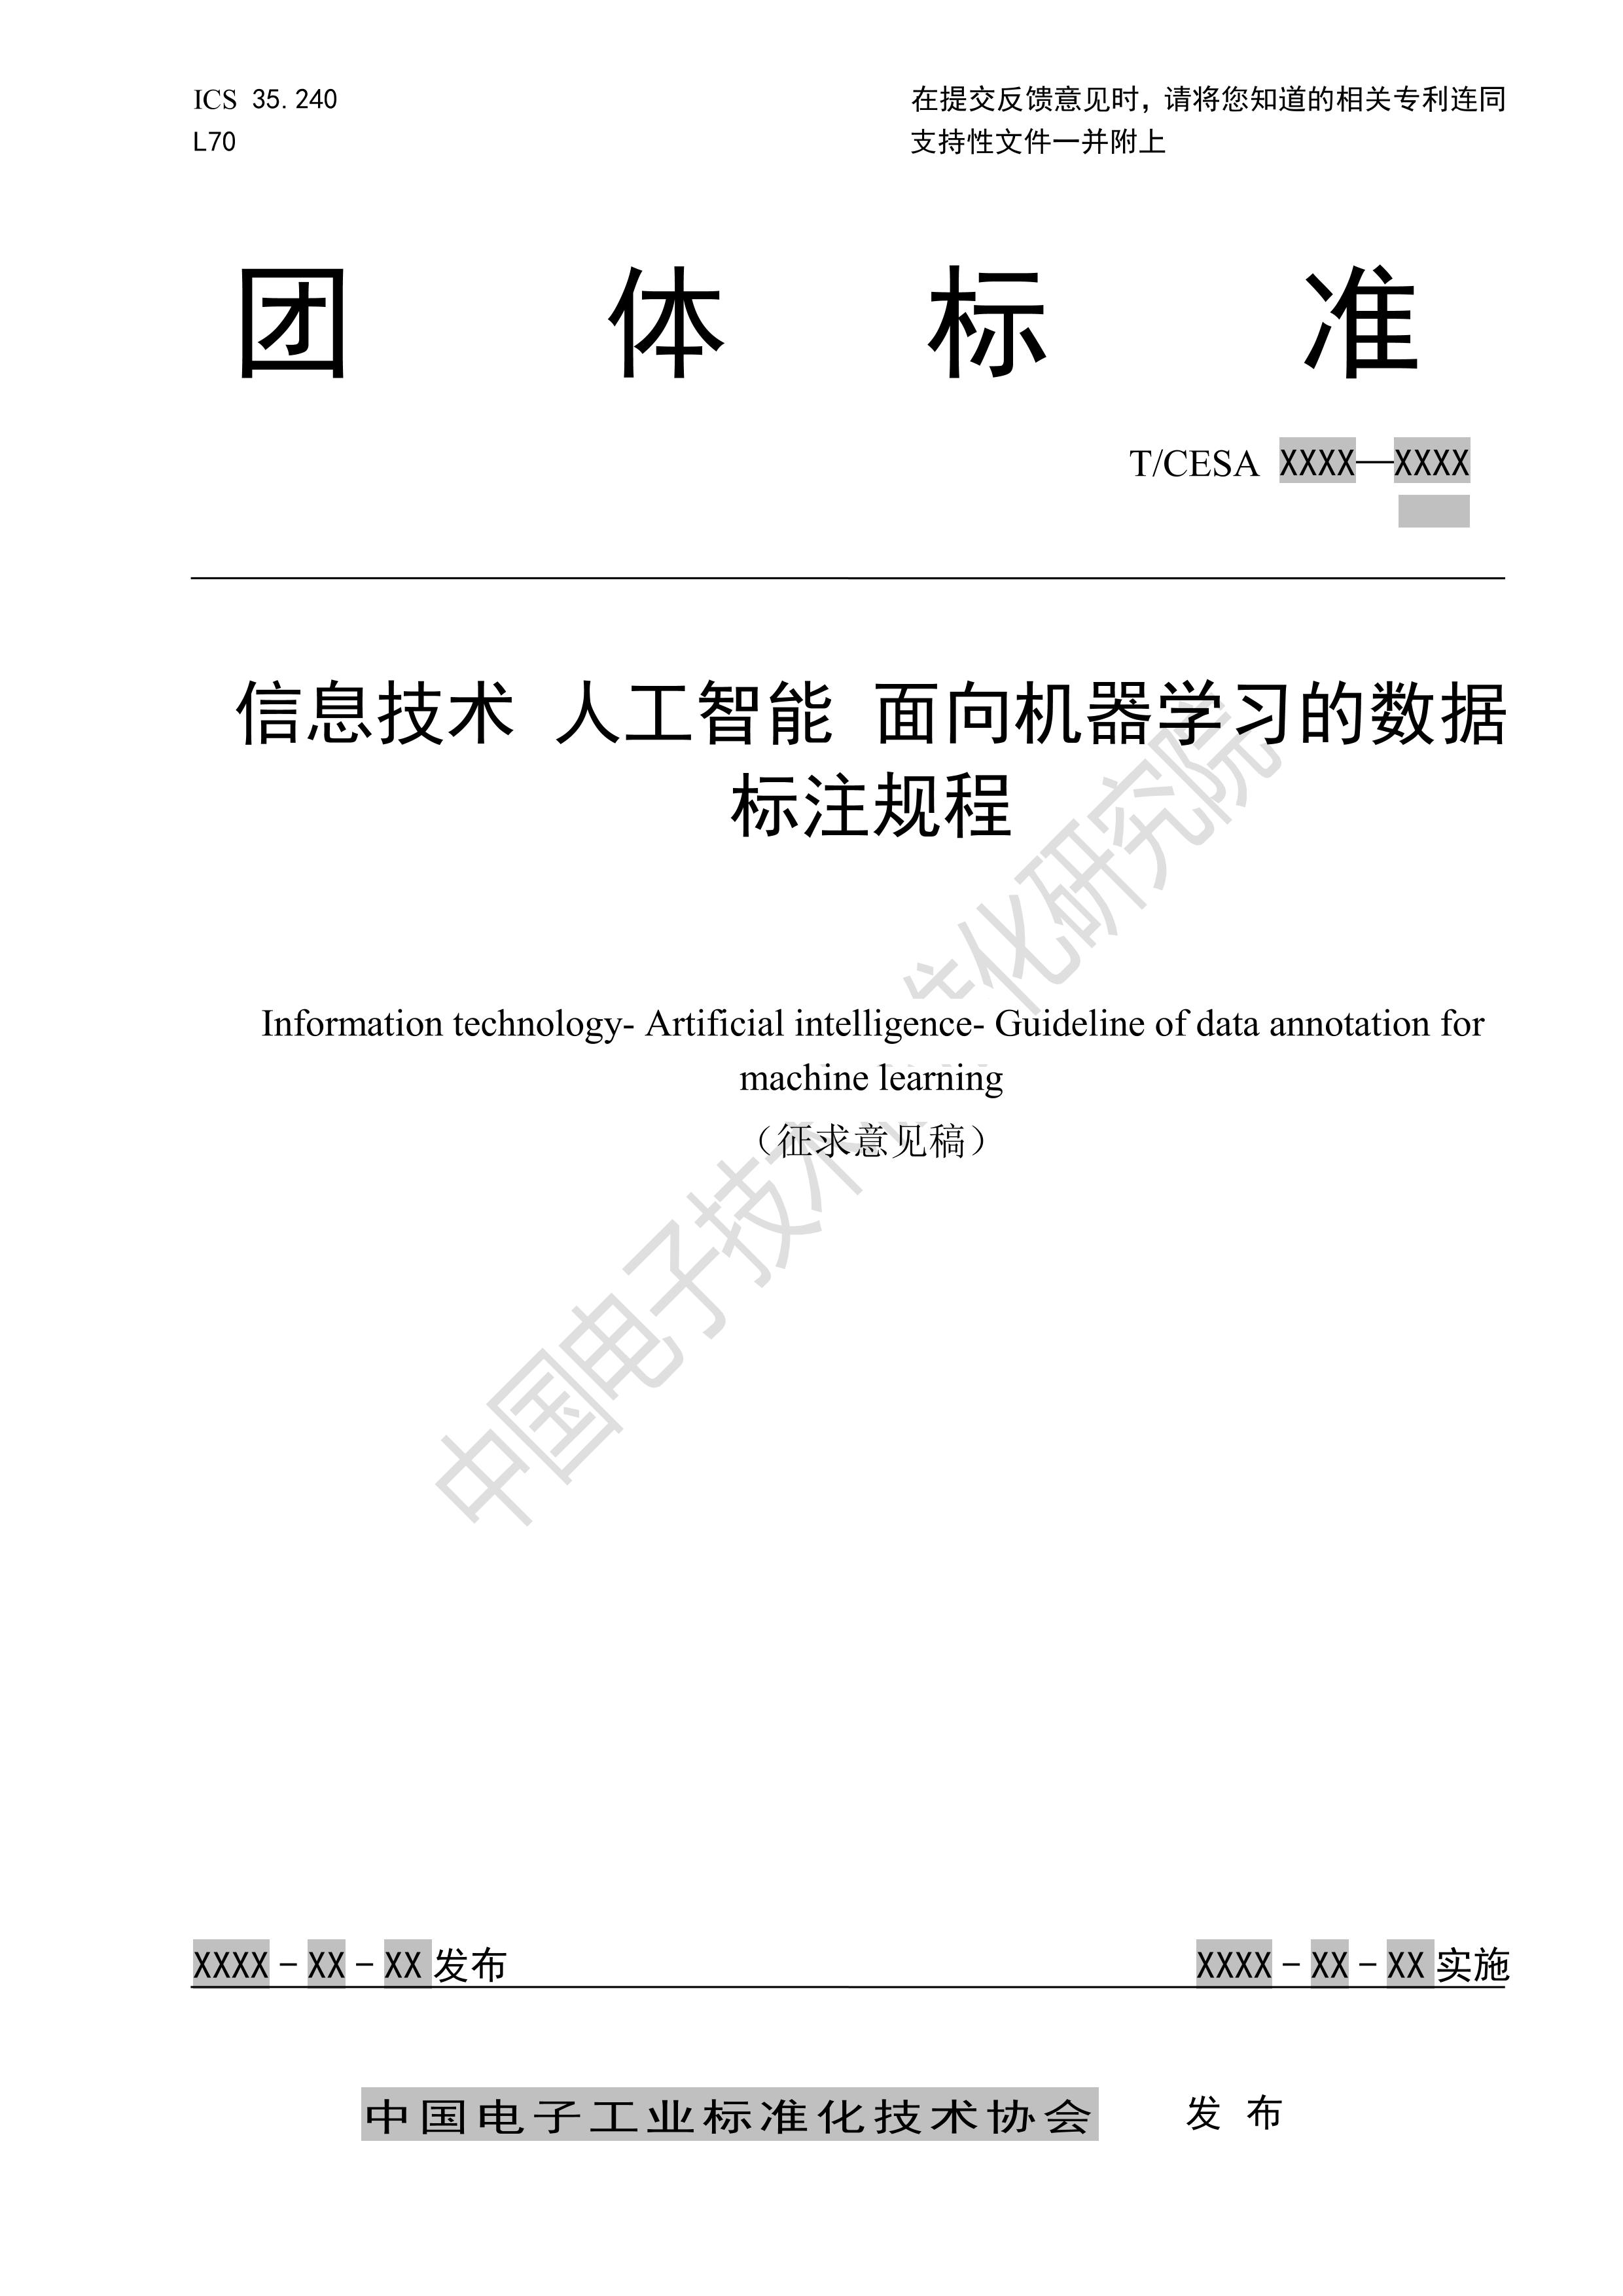 《信息技术 人工智能 面向机器学习的数据 标注规程》,中国电子工业标准化技术协会